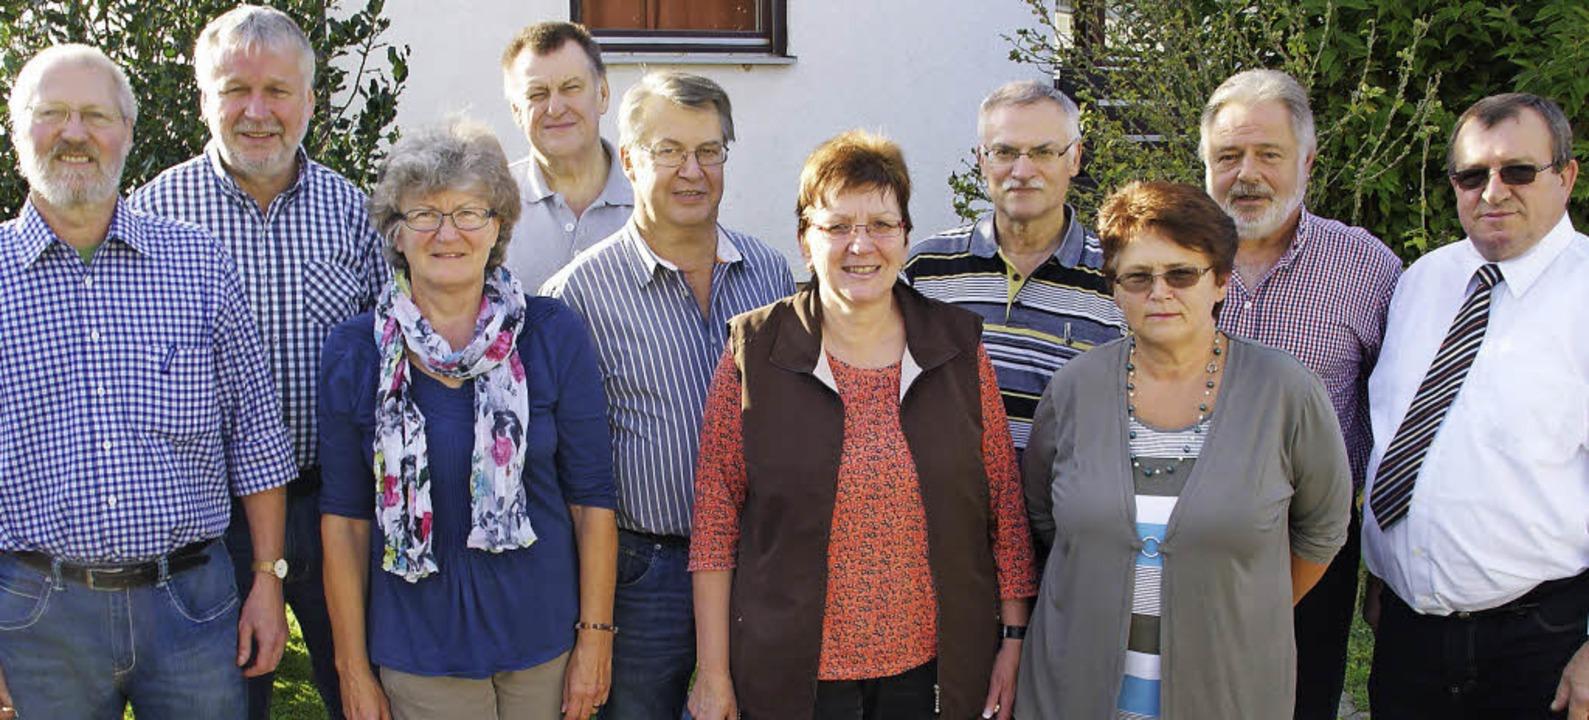 Den VdK Wehr führen fortan (von links)...lka, Michael Keiper, Walter Kaufmann.     Foto: H. Miloslavic